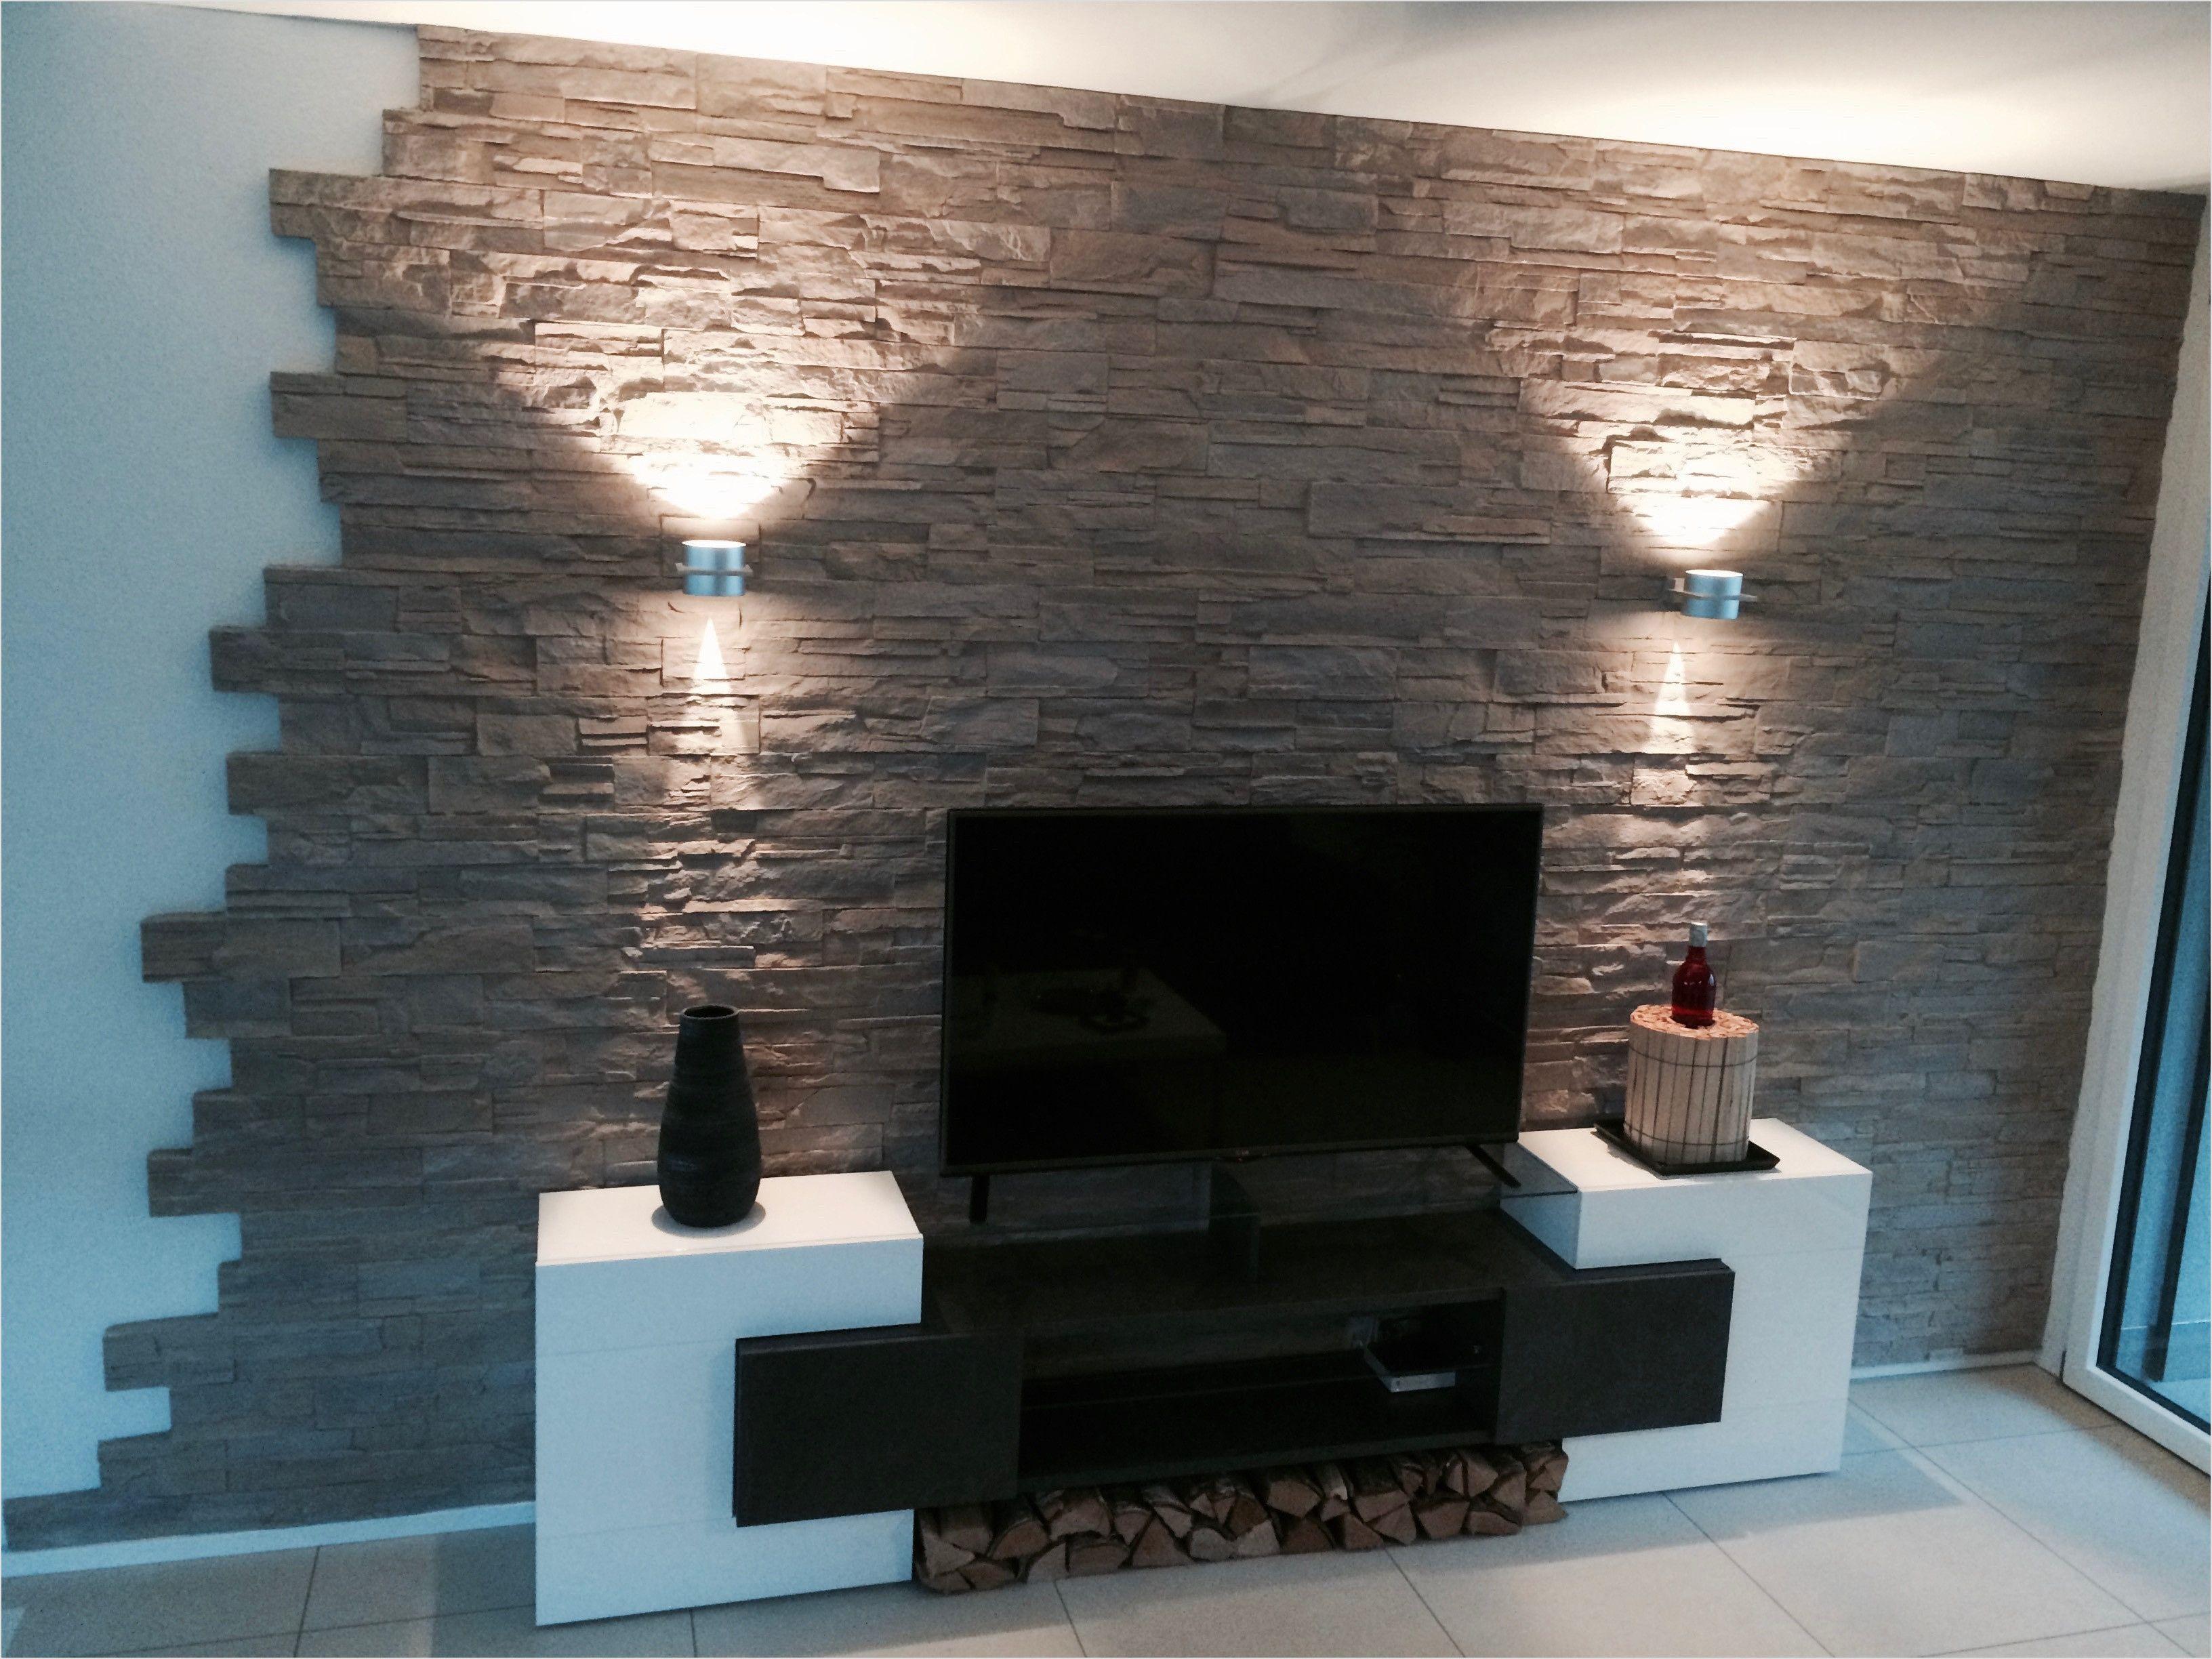 24 Luxus Deko Vor Der Haustur Modern Steinwand Wohnzimmer Stilvolle Wohnzimmer Wandgestaltung Wohnzimmer